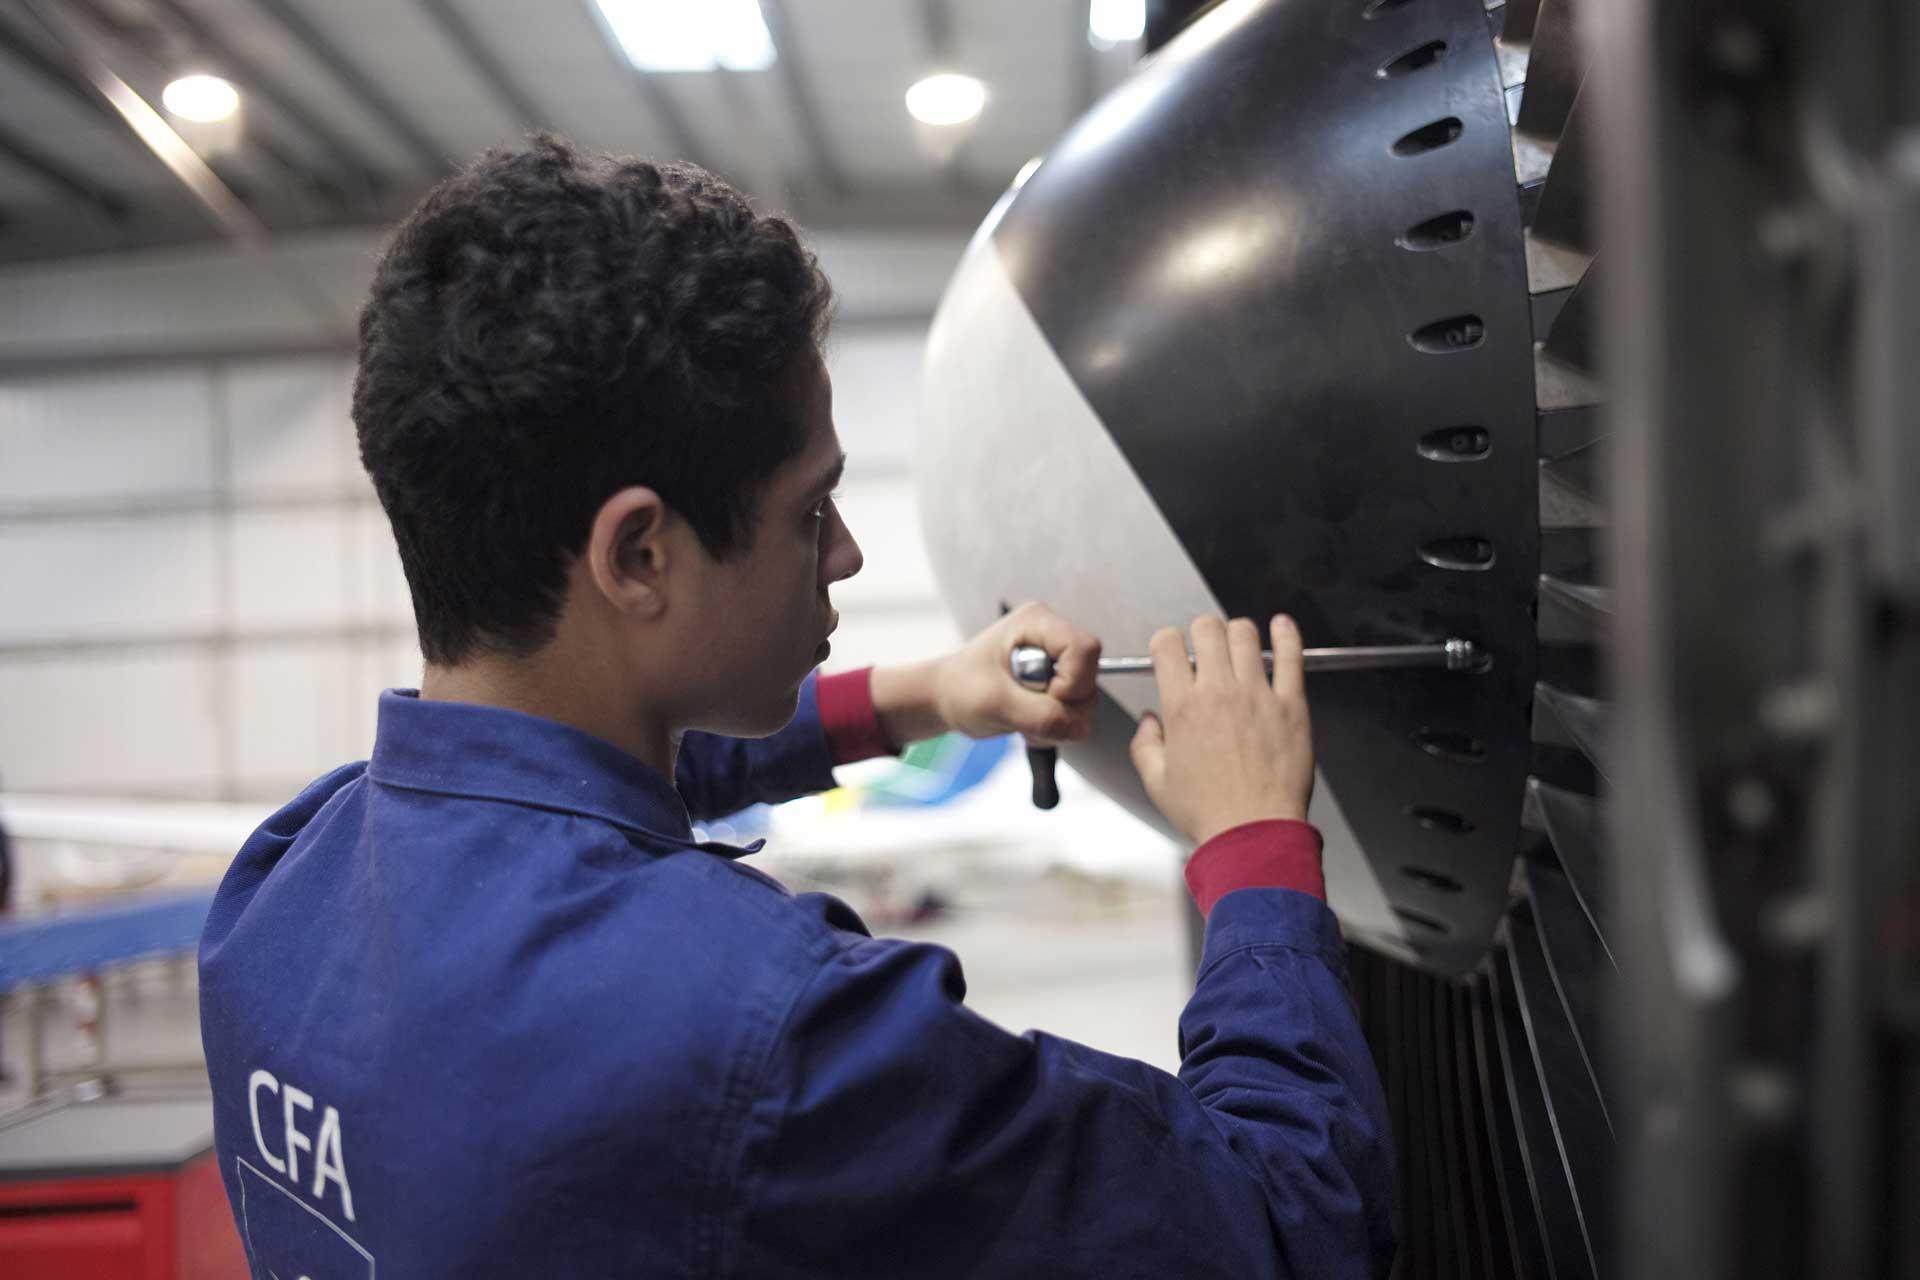 CFA Technicien Moteur Turbine